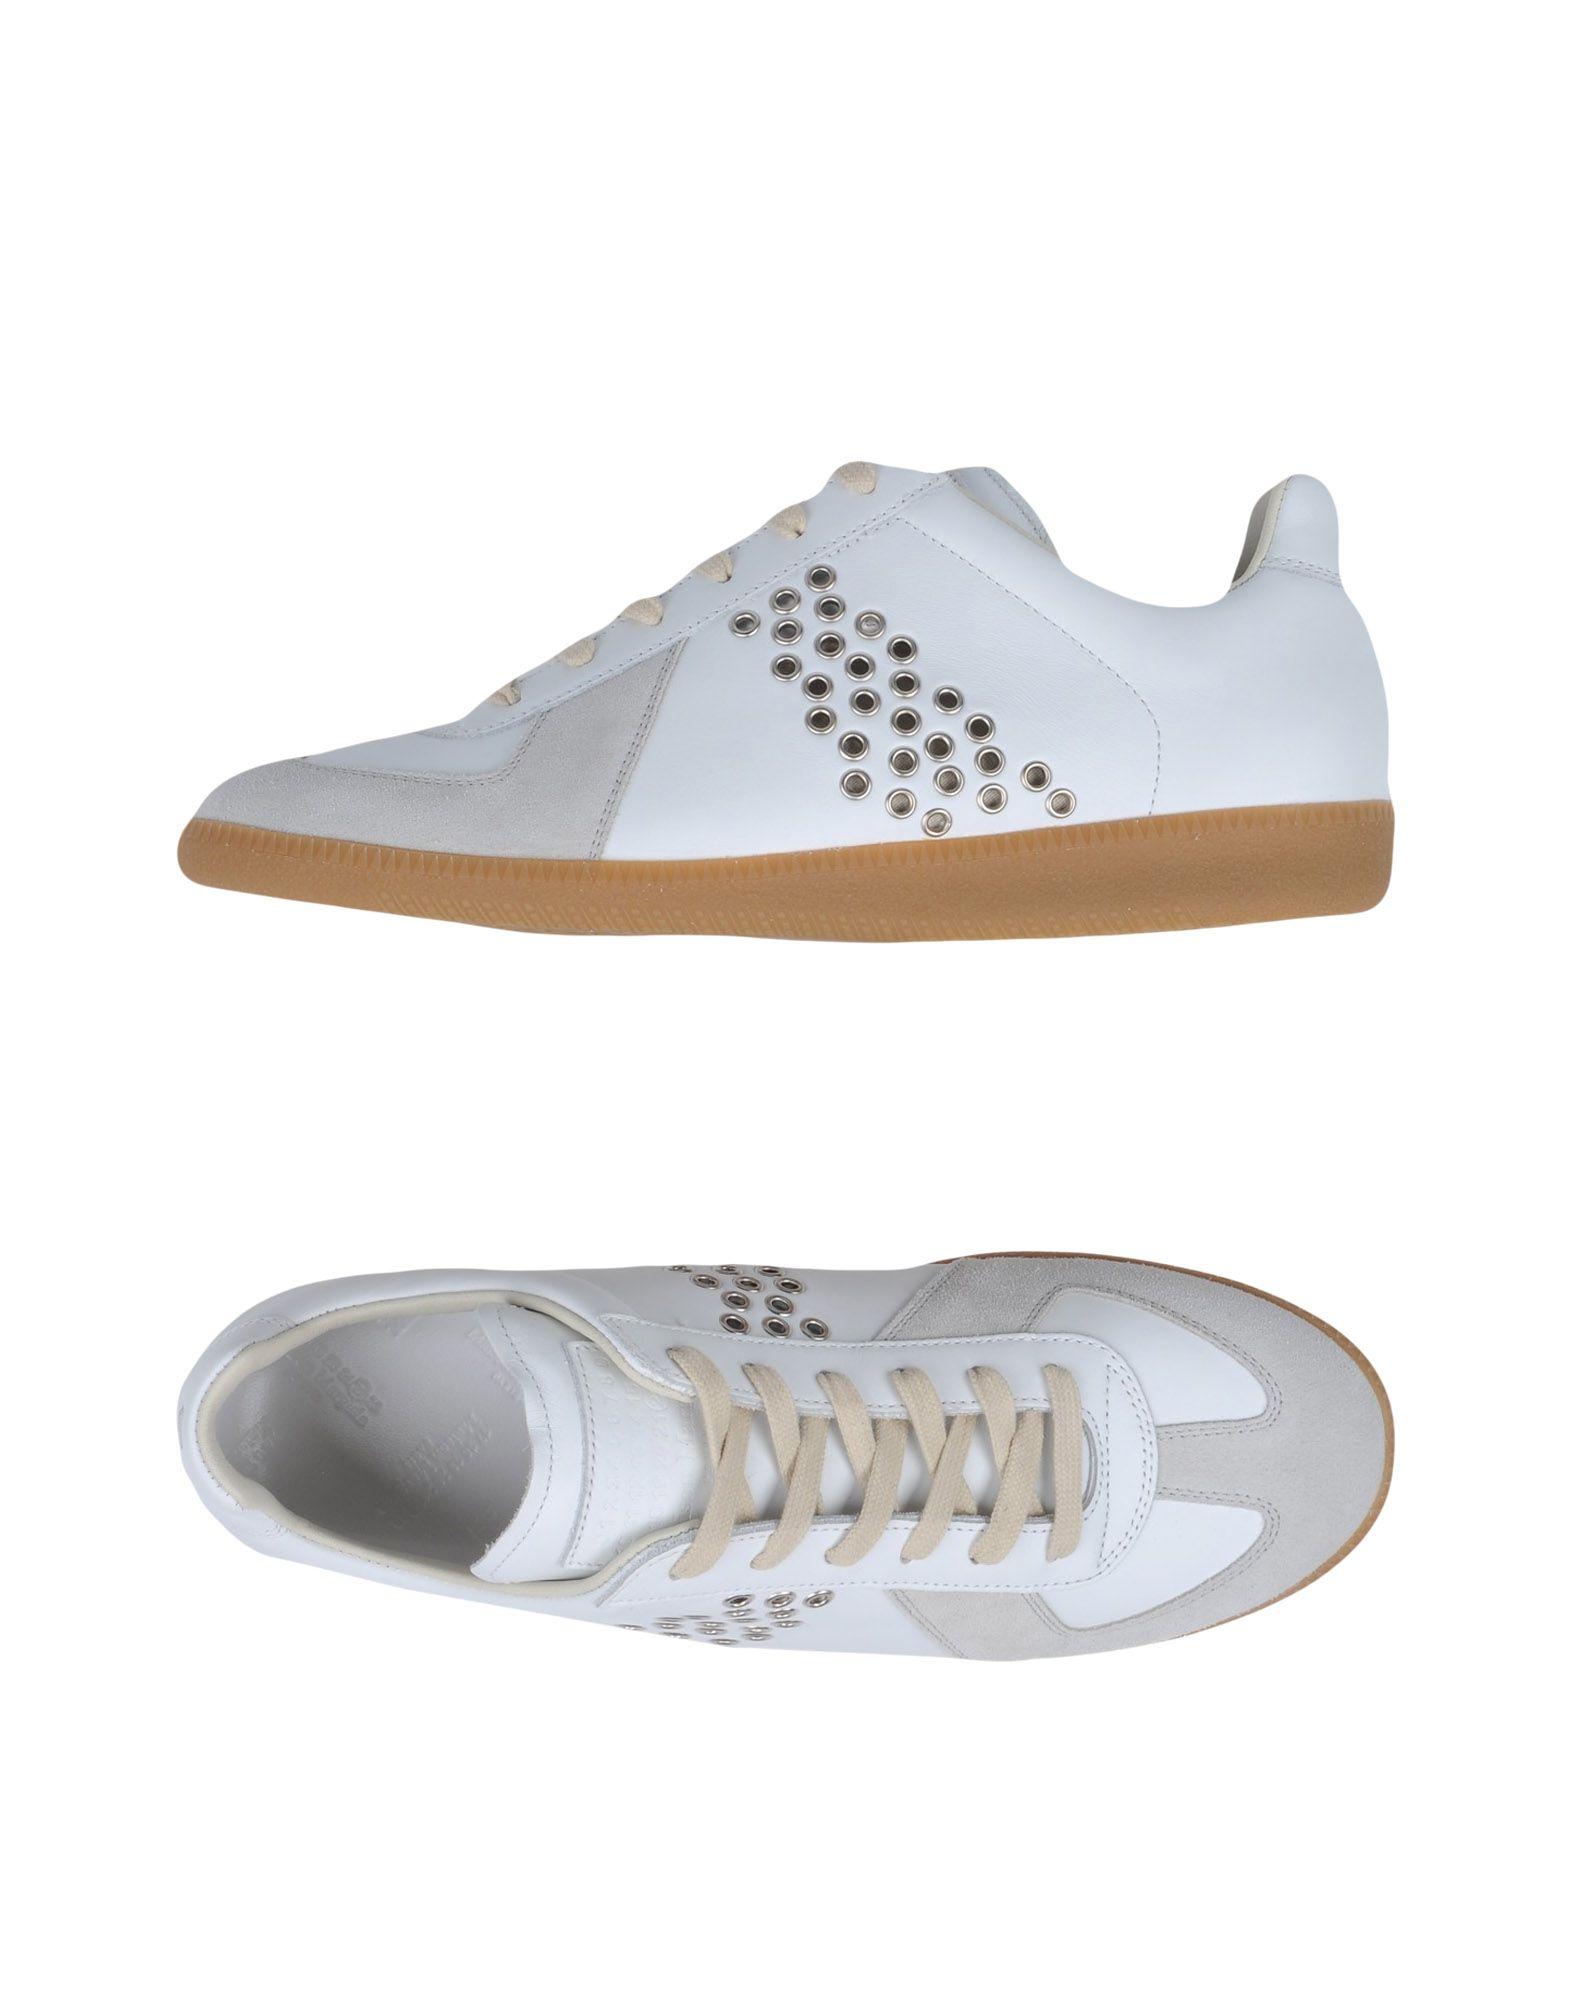 Maison Margiela  Sneakers Herren  Margiela 11351391KX 0b5248